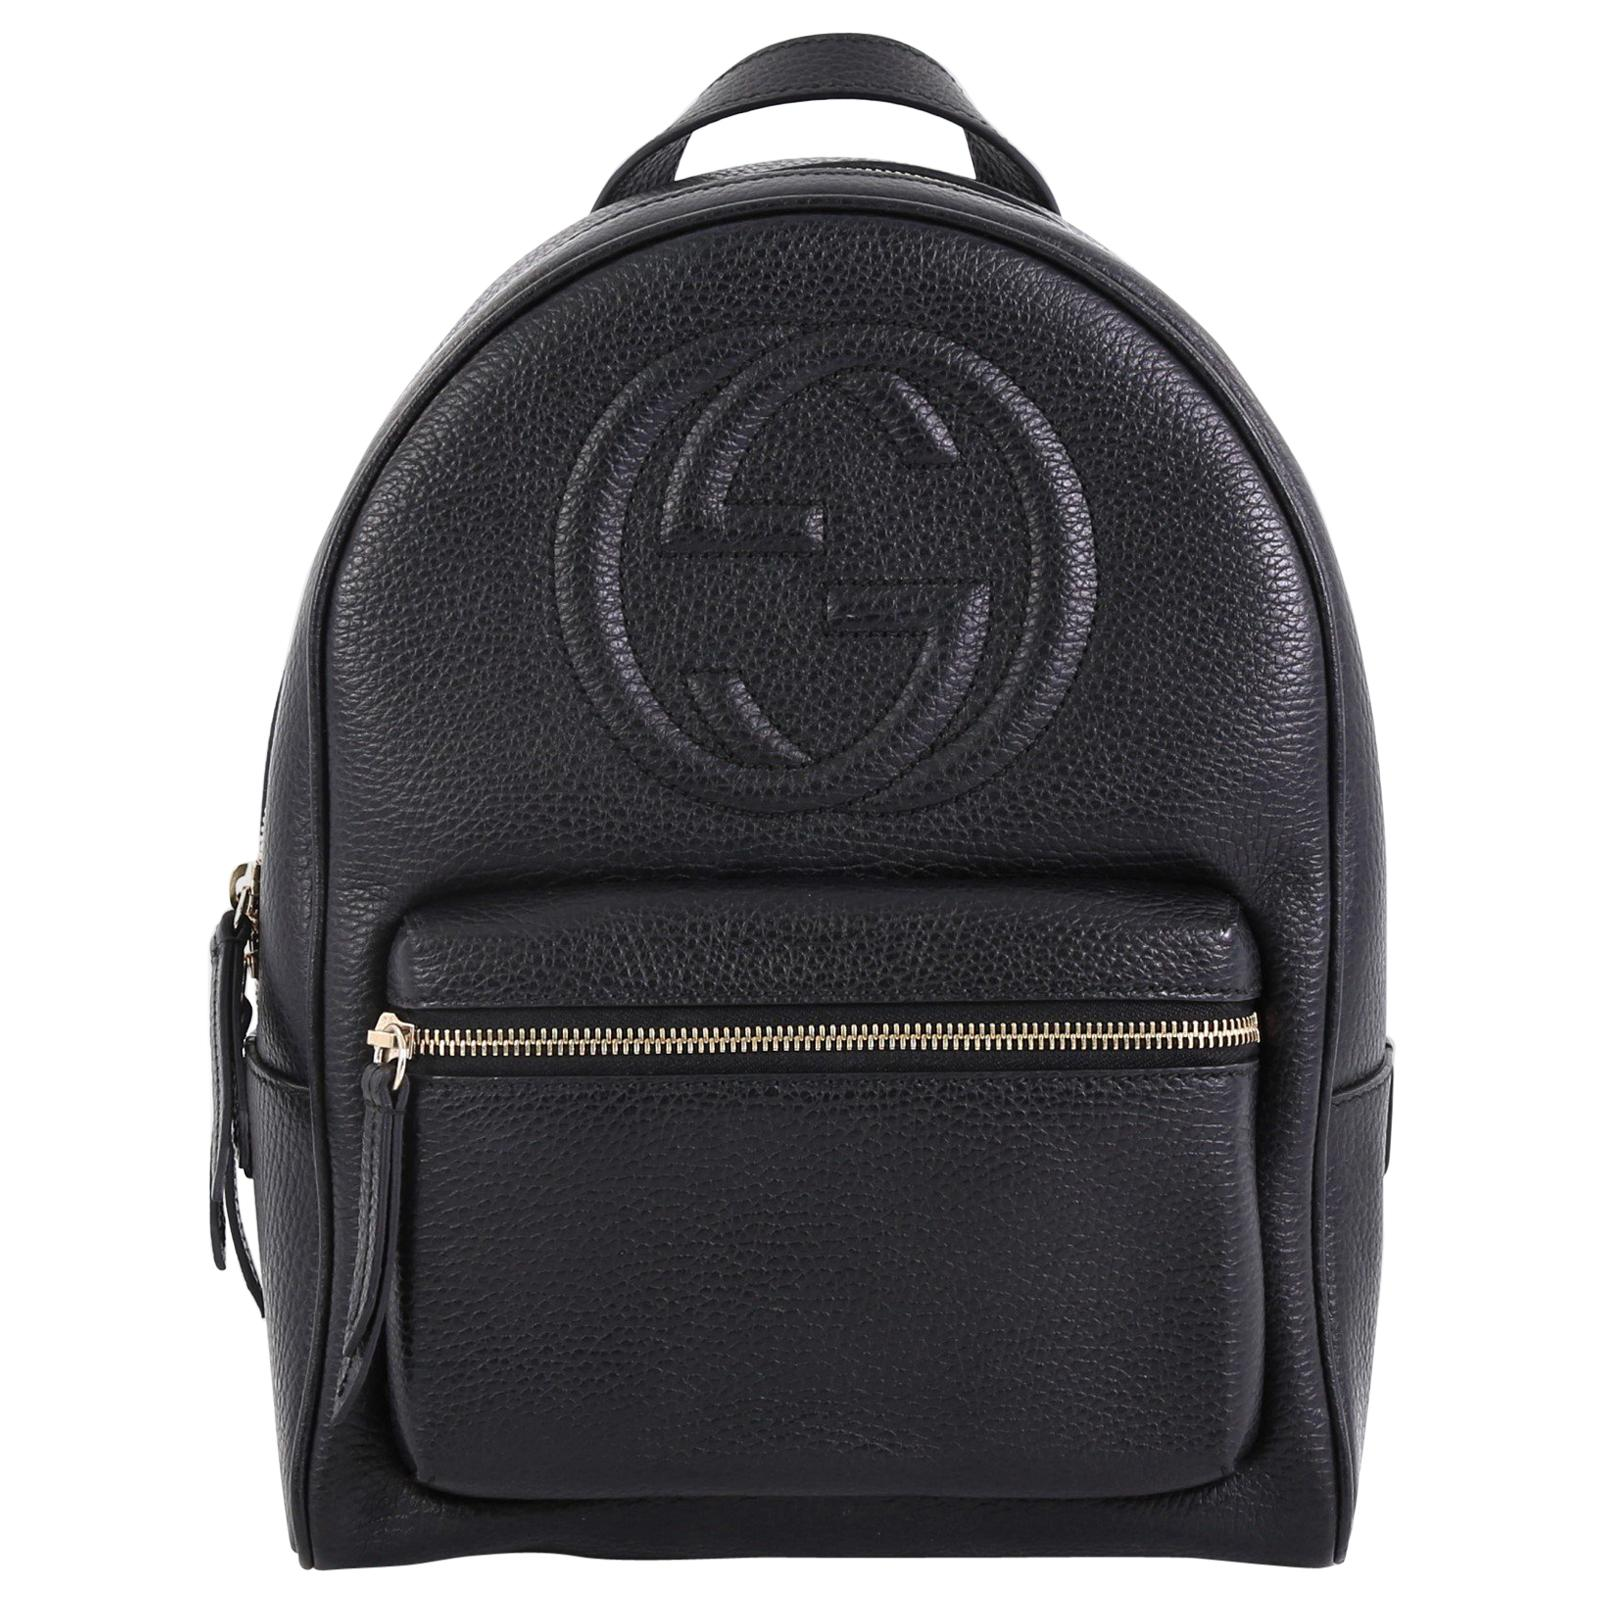 660f40947b4a Rebag Backpacks - 1stdibs